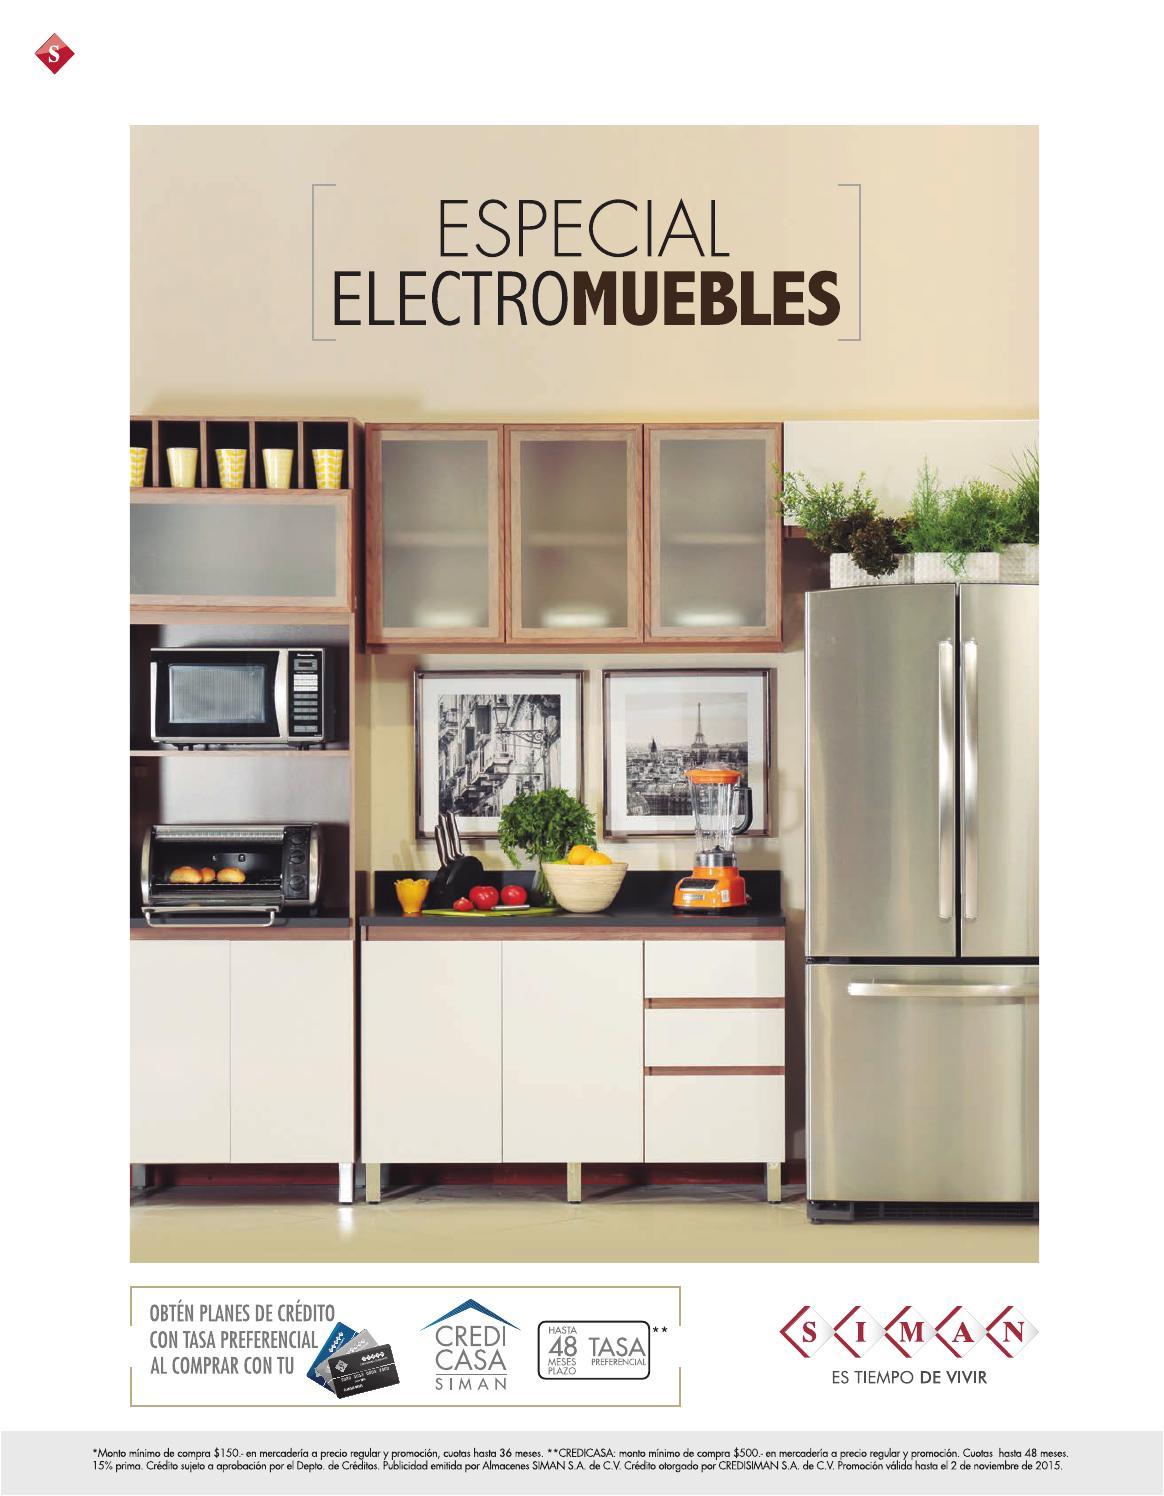 Planes de credito catalogo electro muebles siman el for Muebles salvador